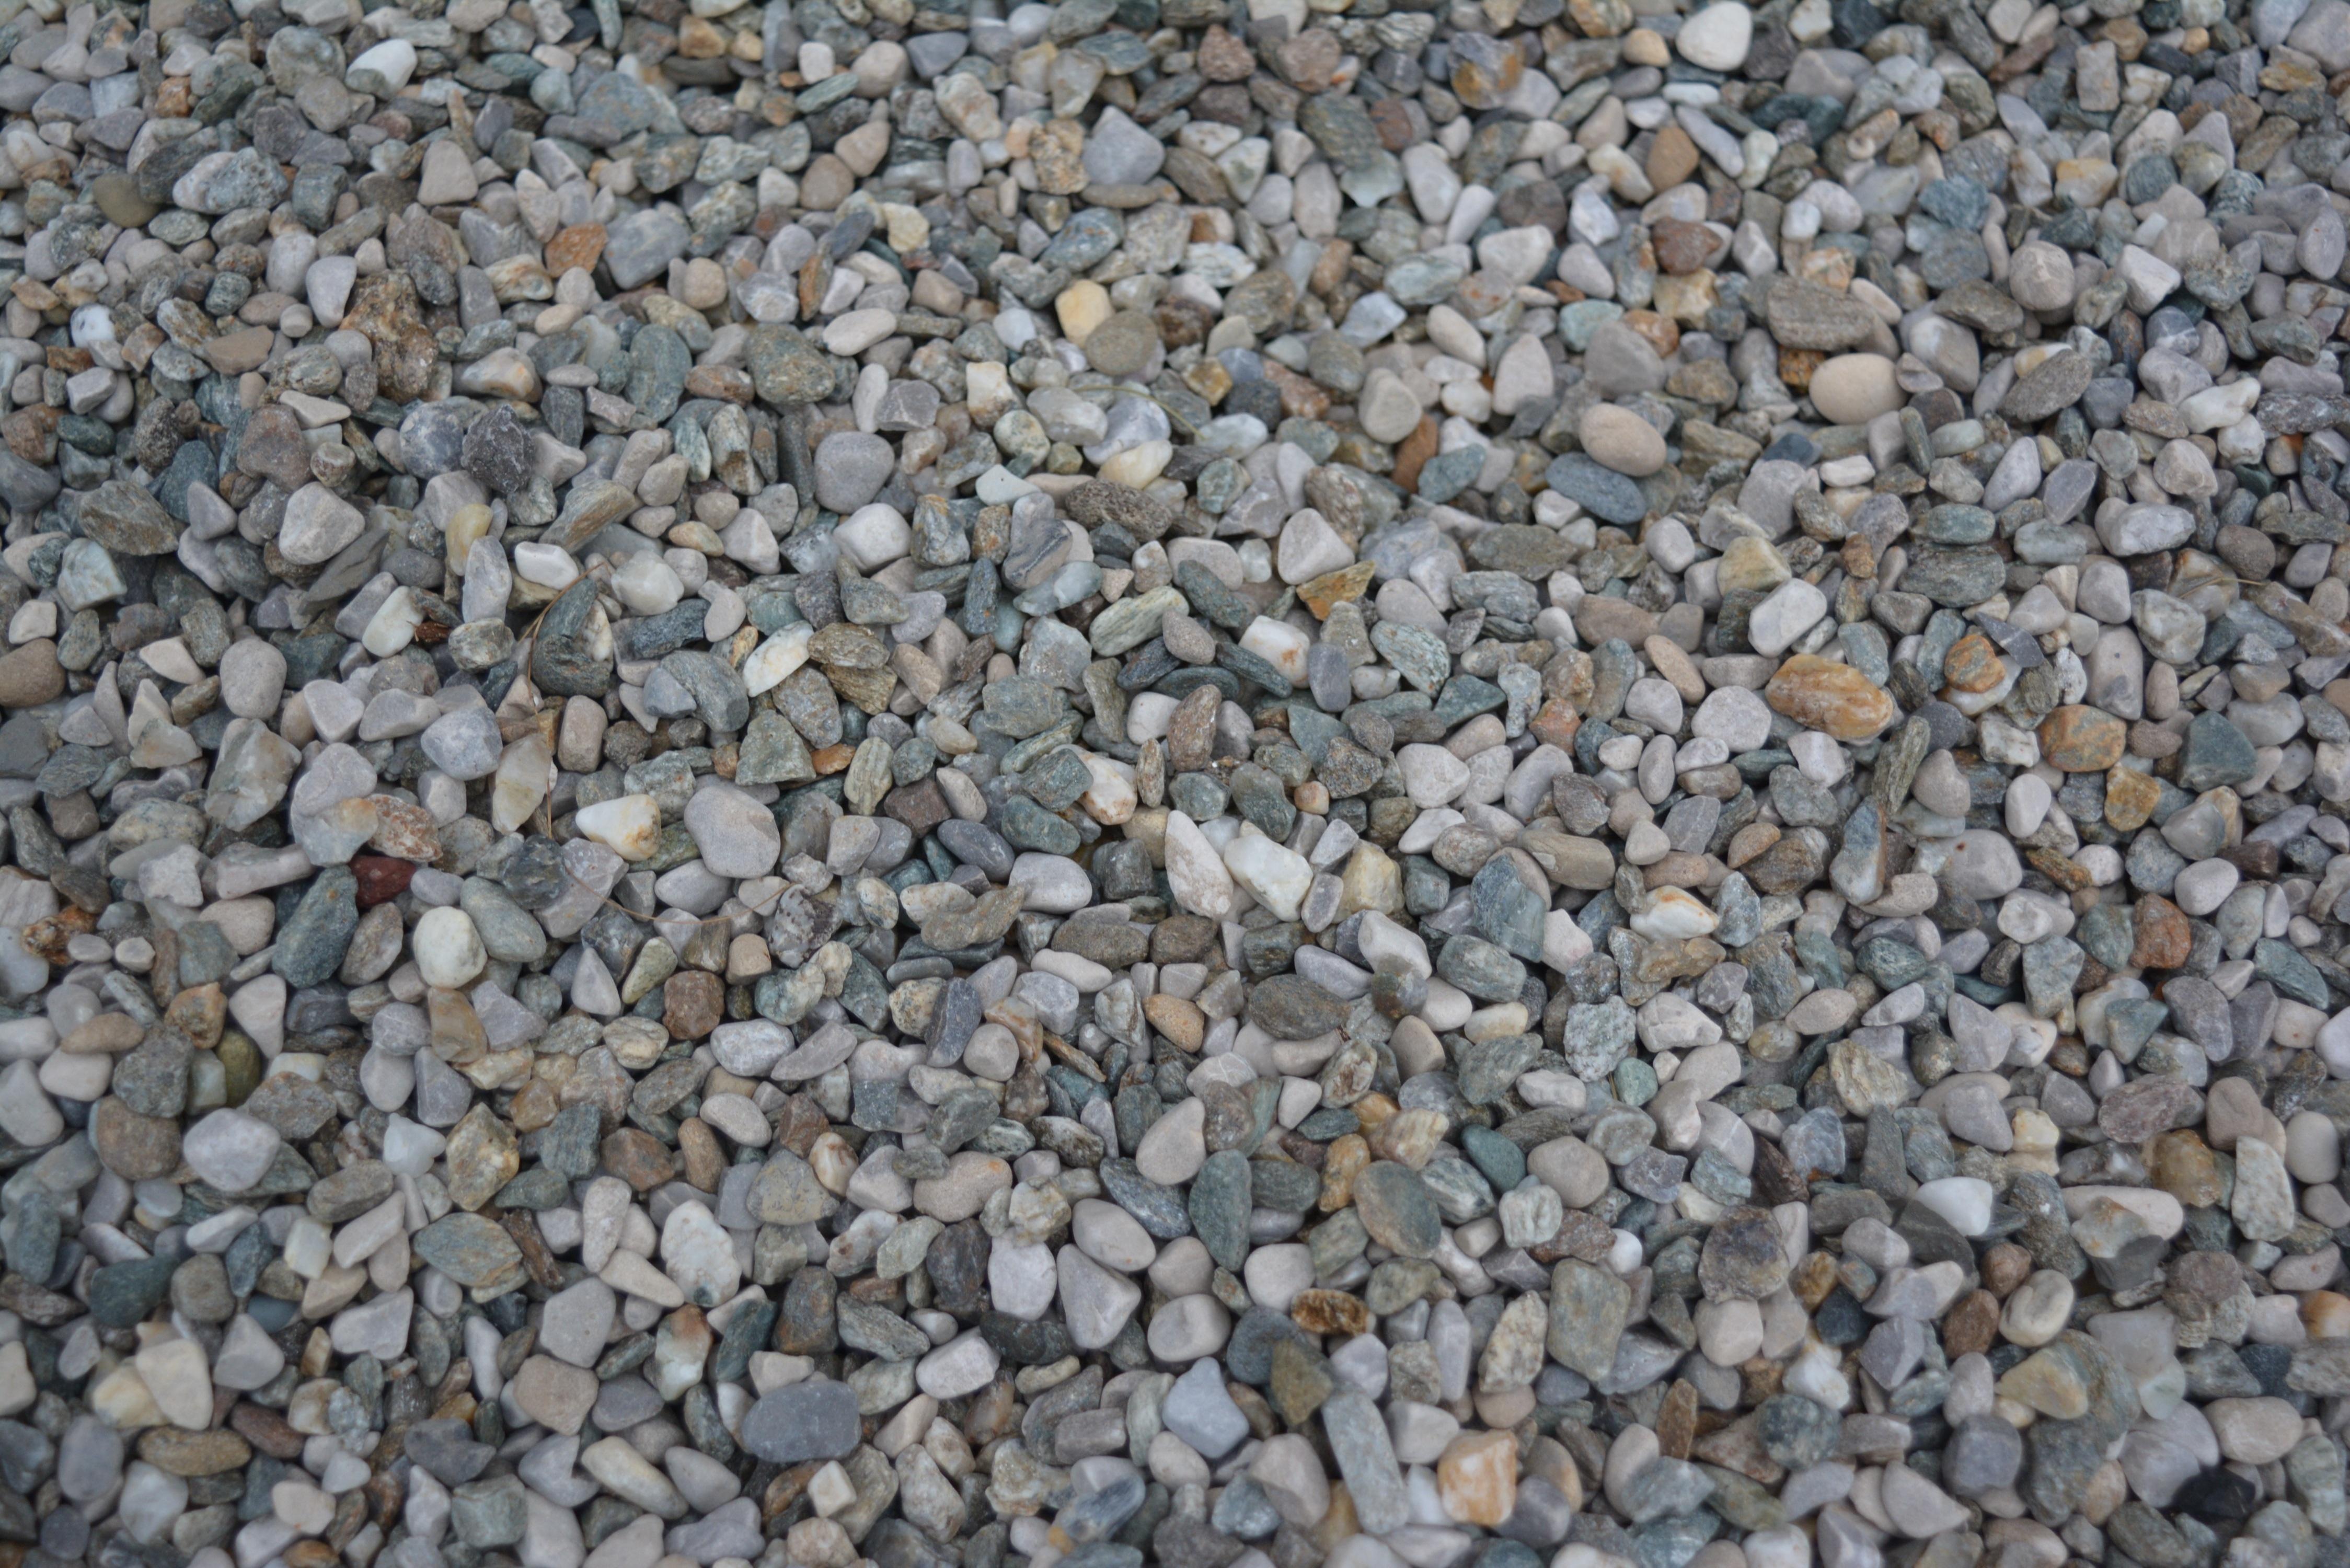 rock suelo piso piedra asfalto guijarro suelo material escombros grava guijarros piso piso de piedra steinchen